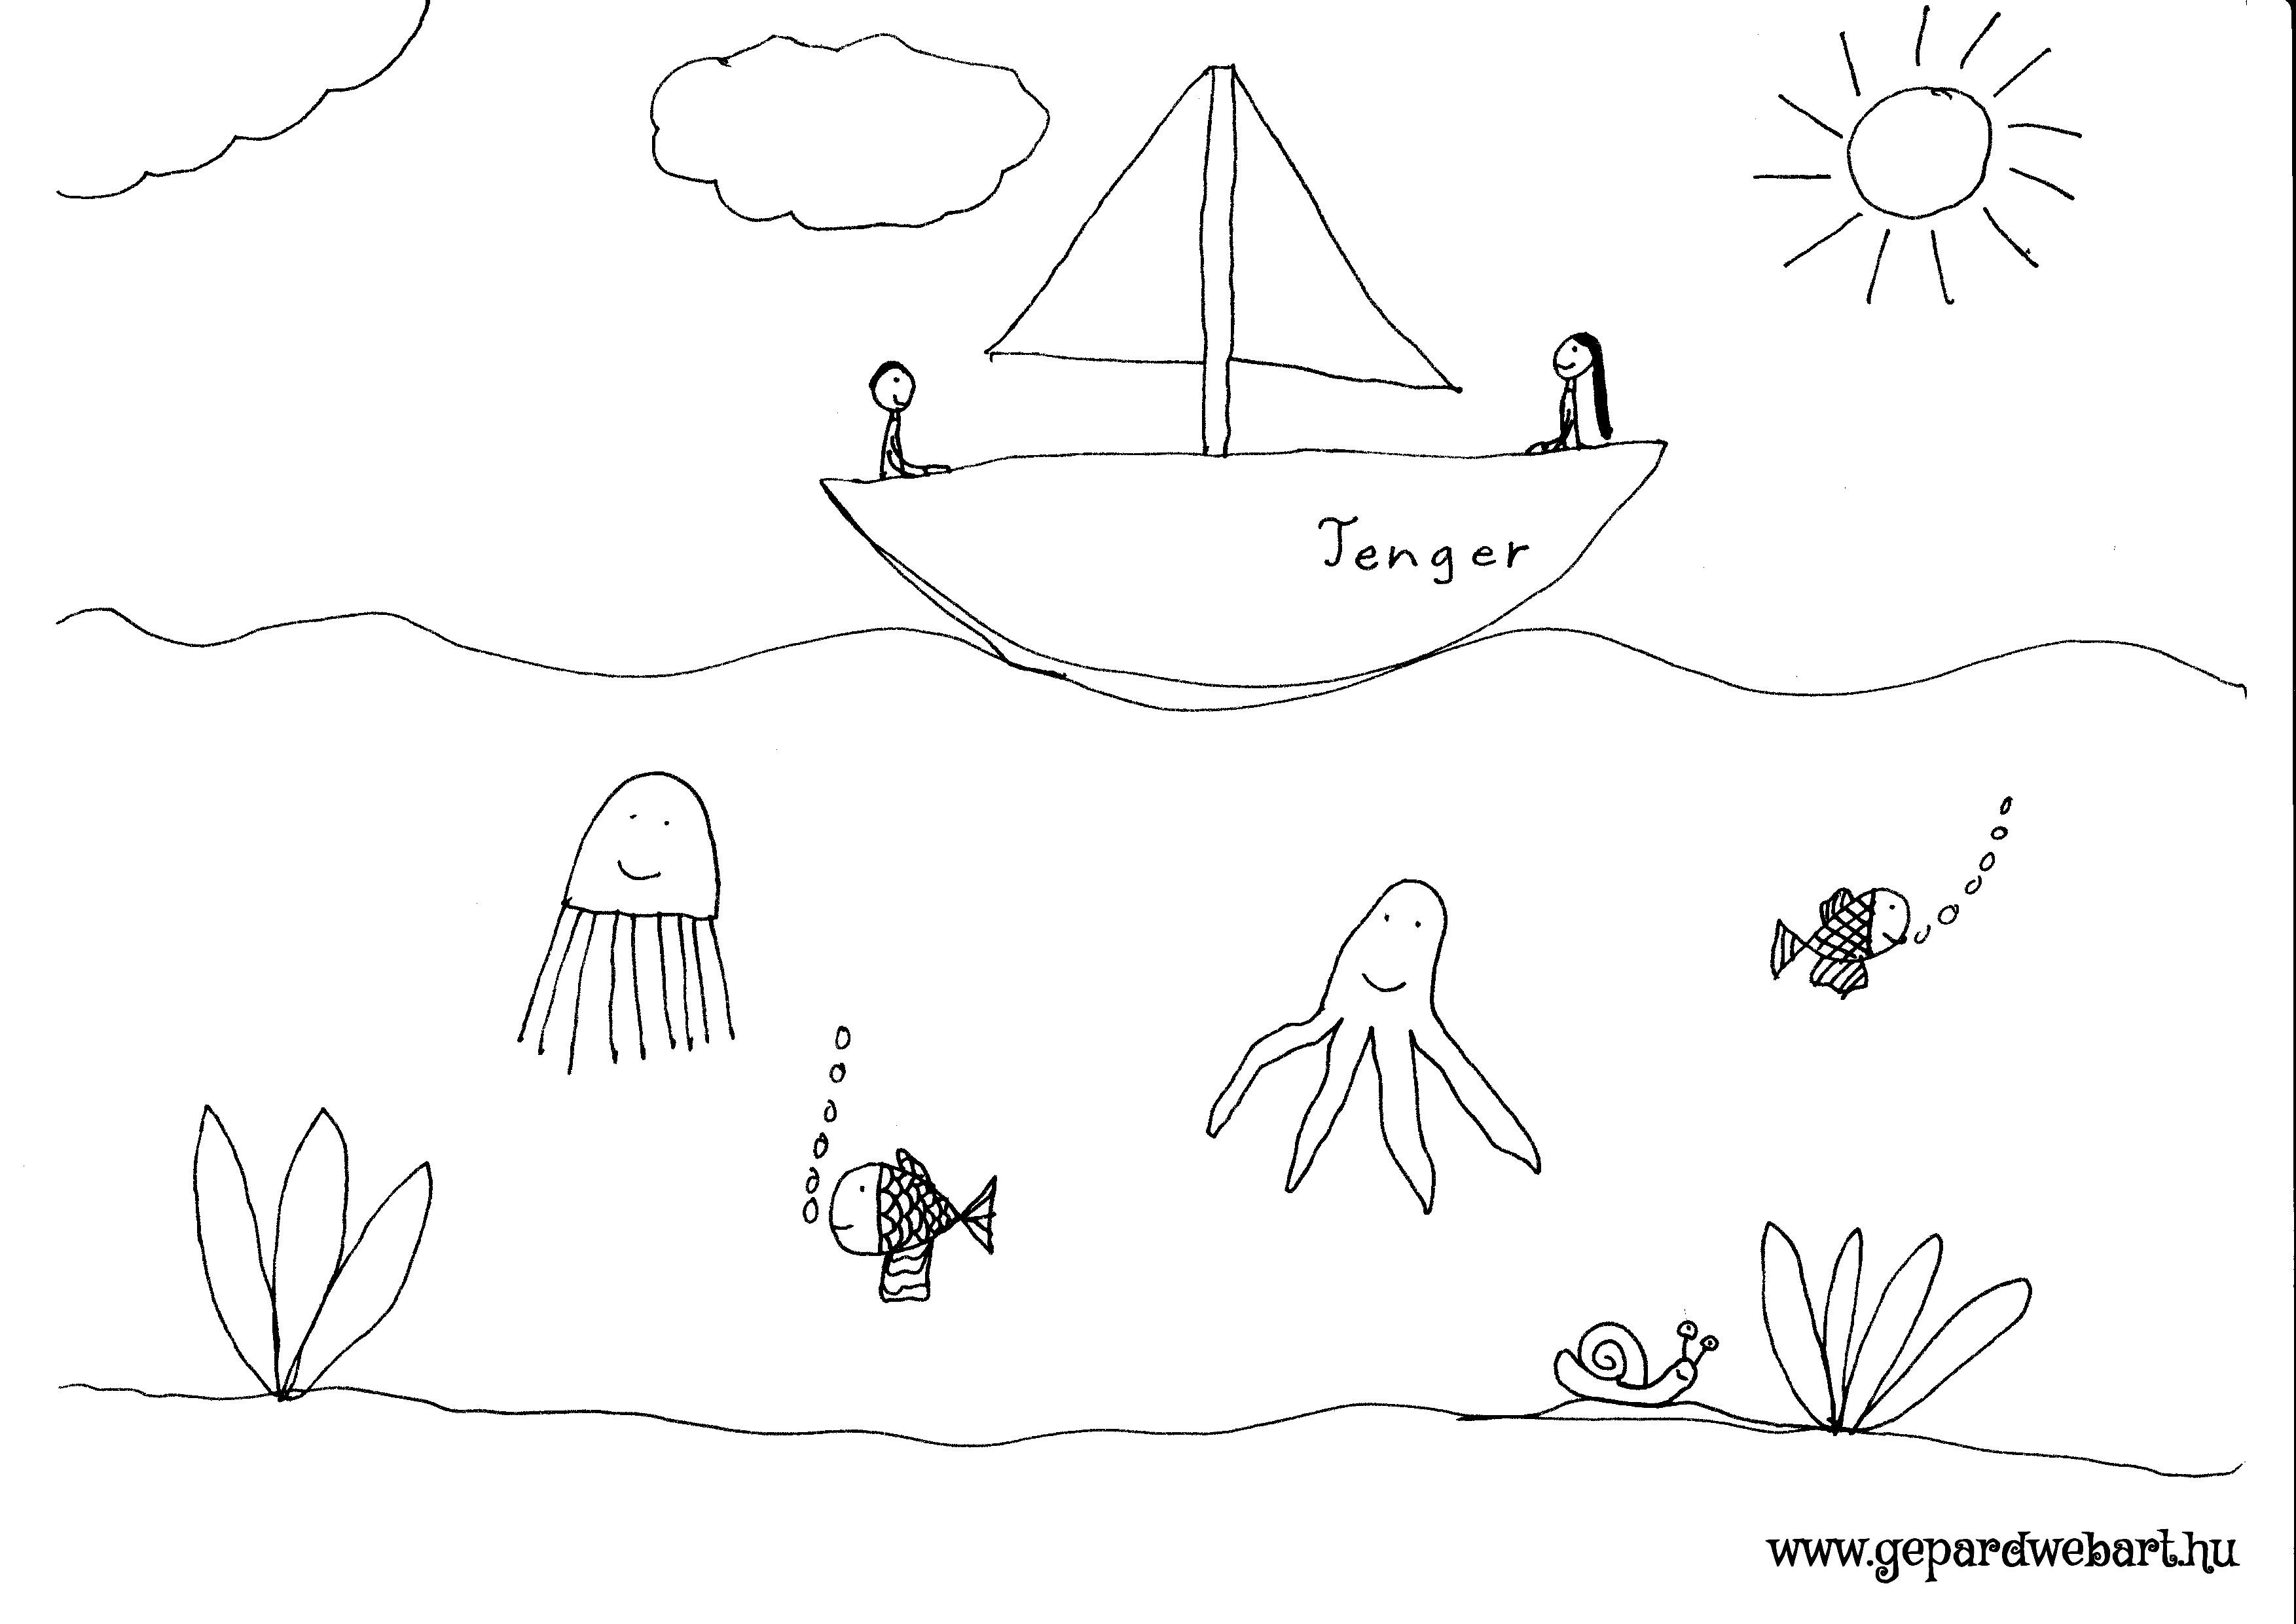 hajózás a tengeren